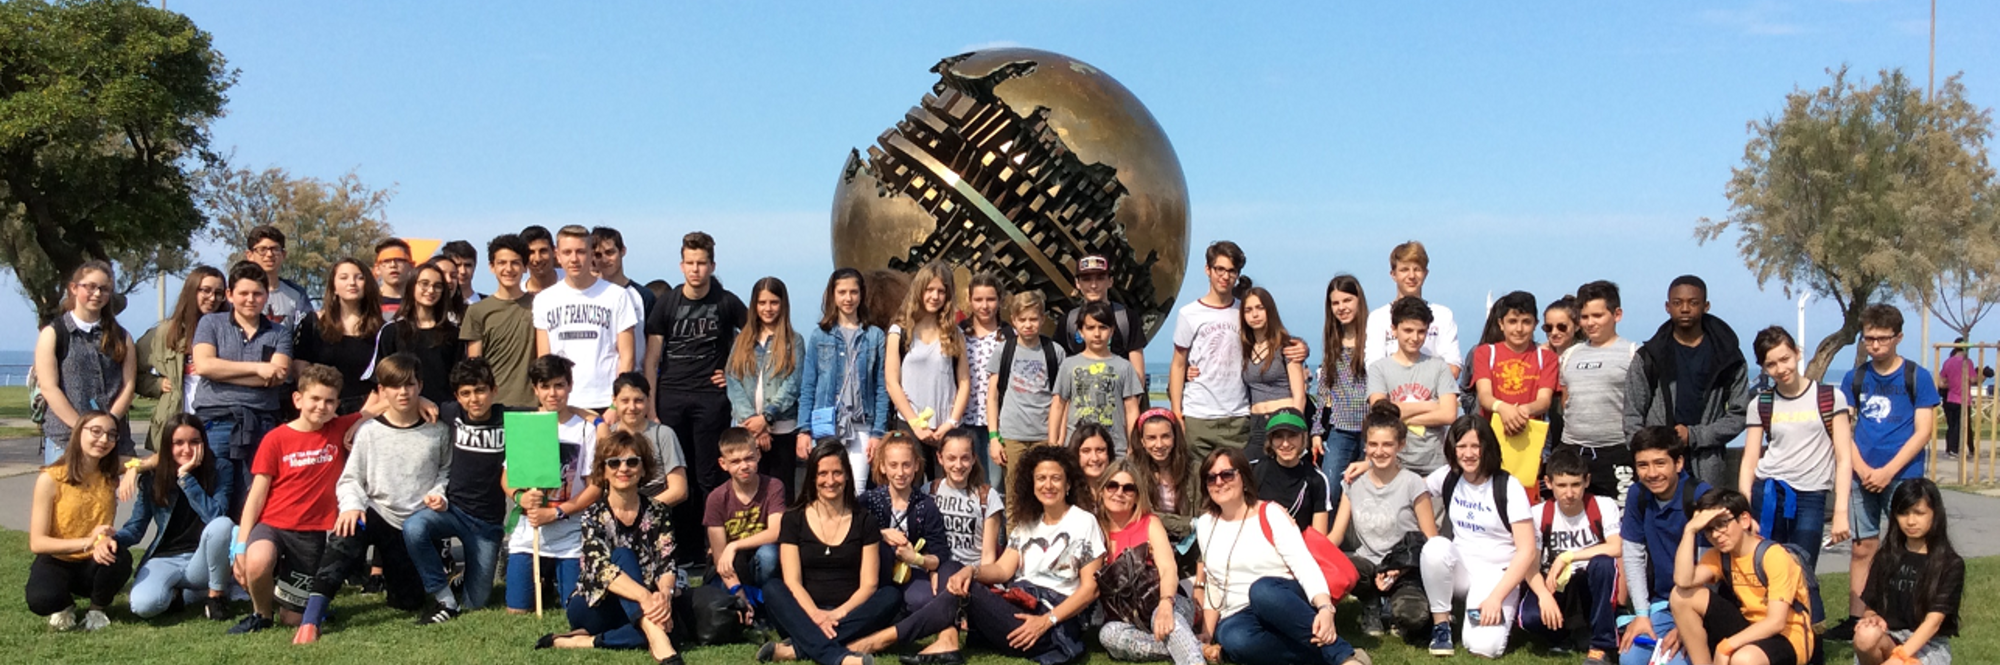 Immagine gemellaggio scuole Pesaro Bordeaux